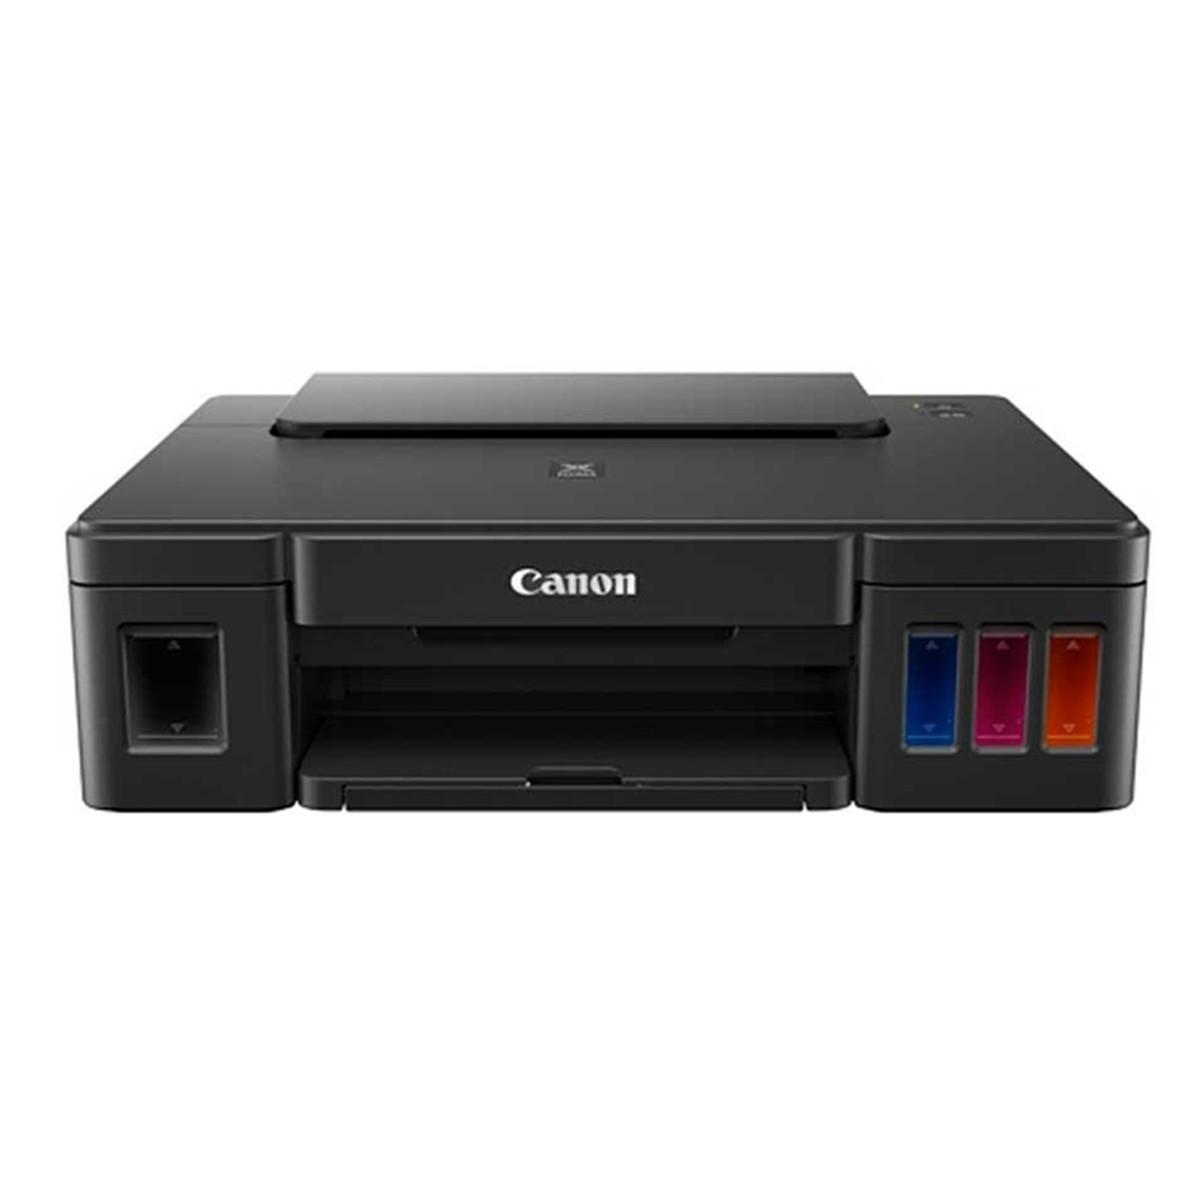 Impressora Canon Pixma Maxx G1100 | Tanque de Tinta com Conexão USB